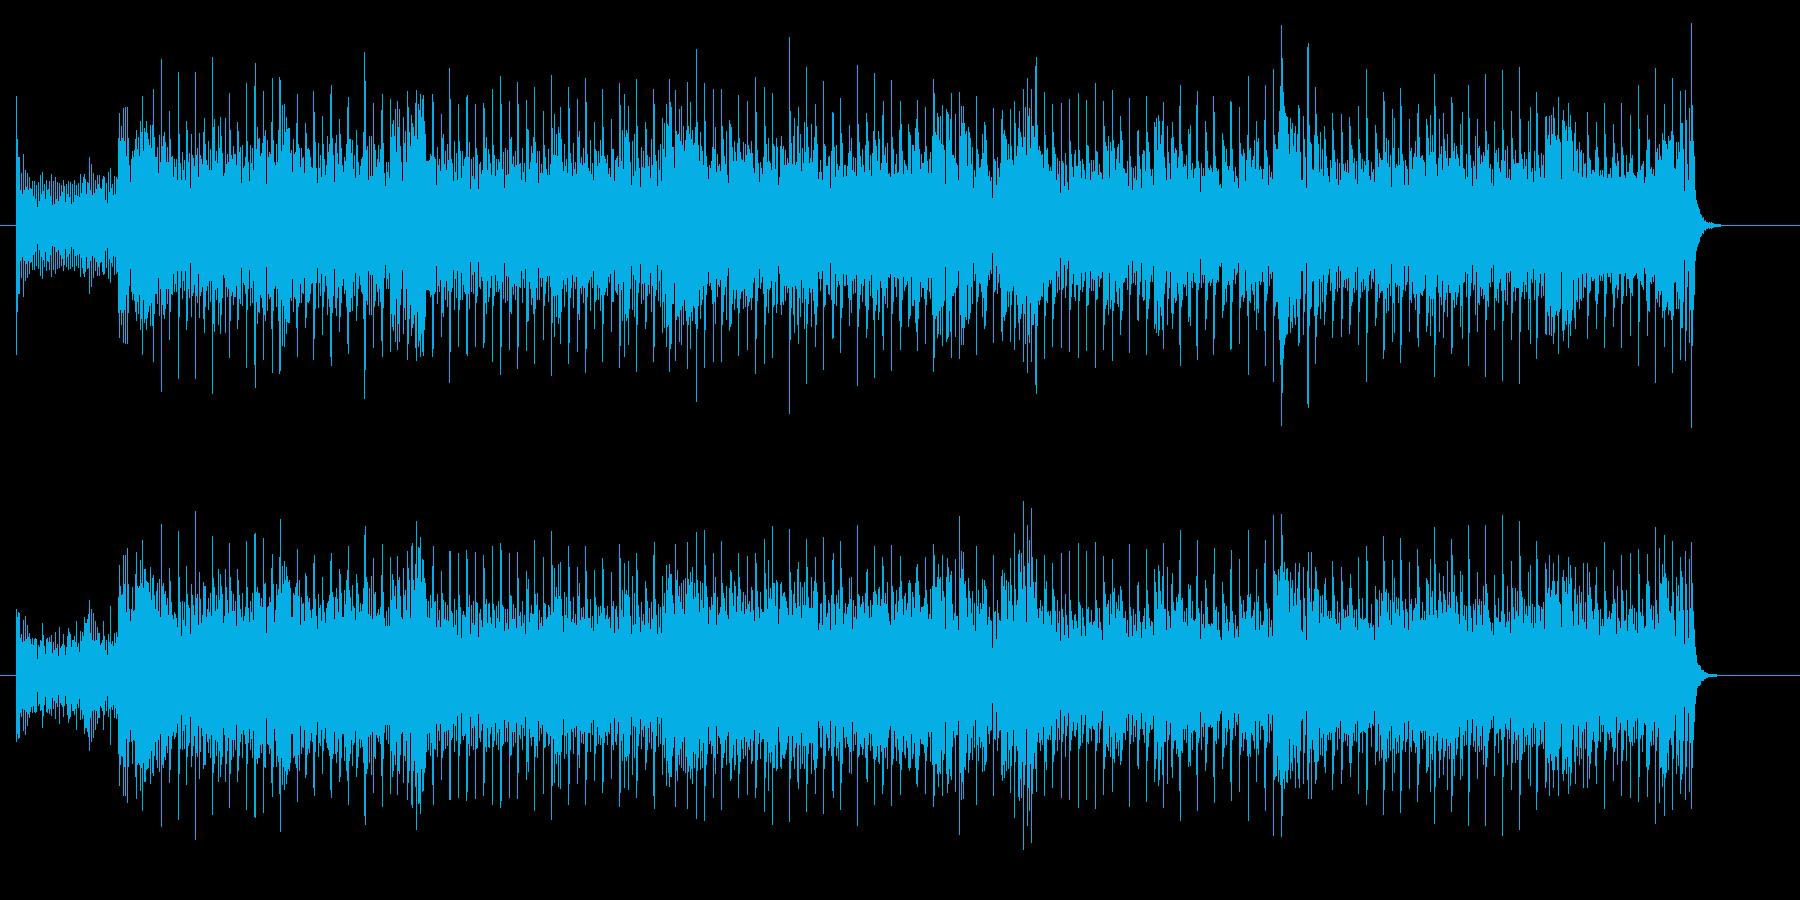 アップ・テンポなユーロ・サウンドの再生済みの波形